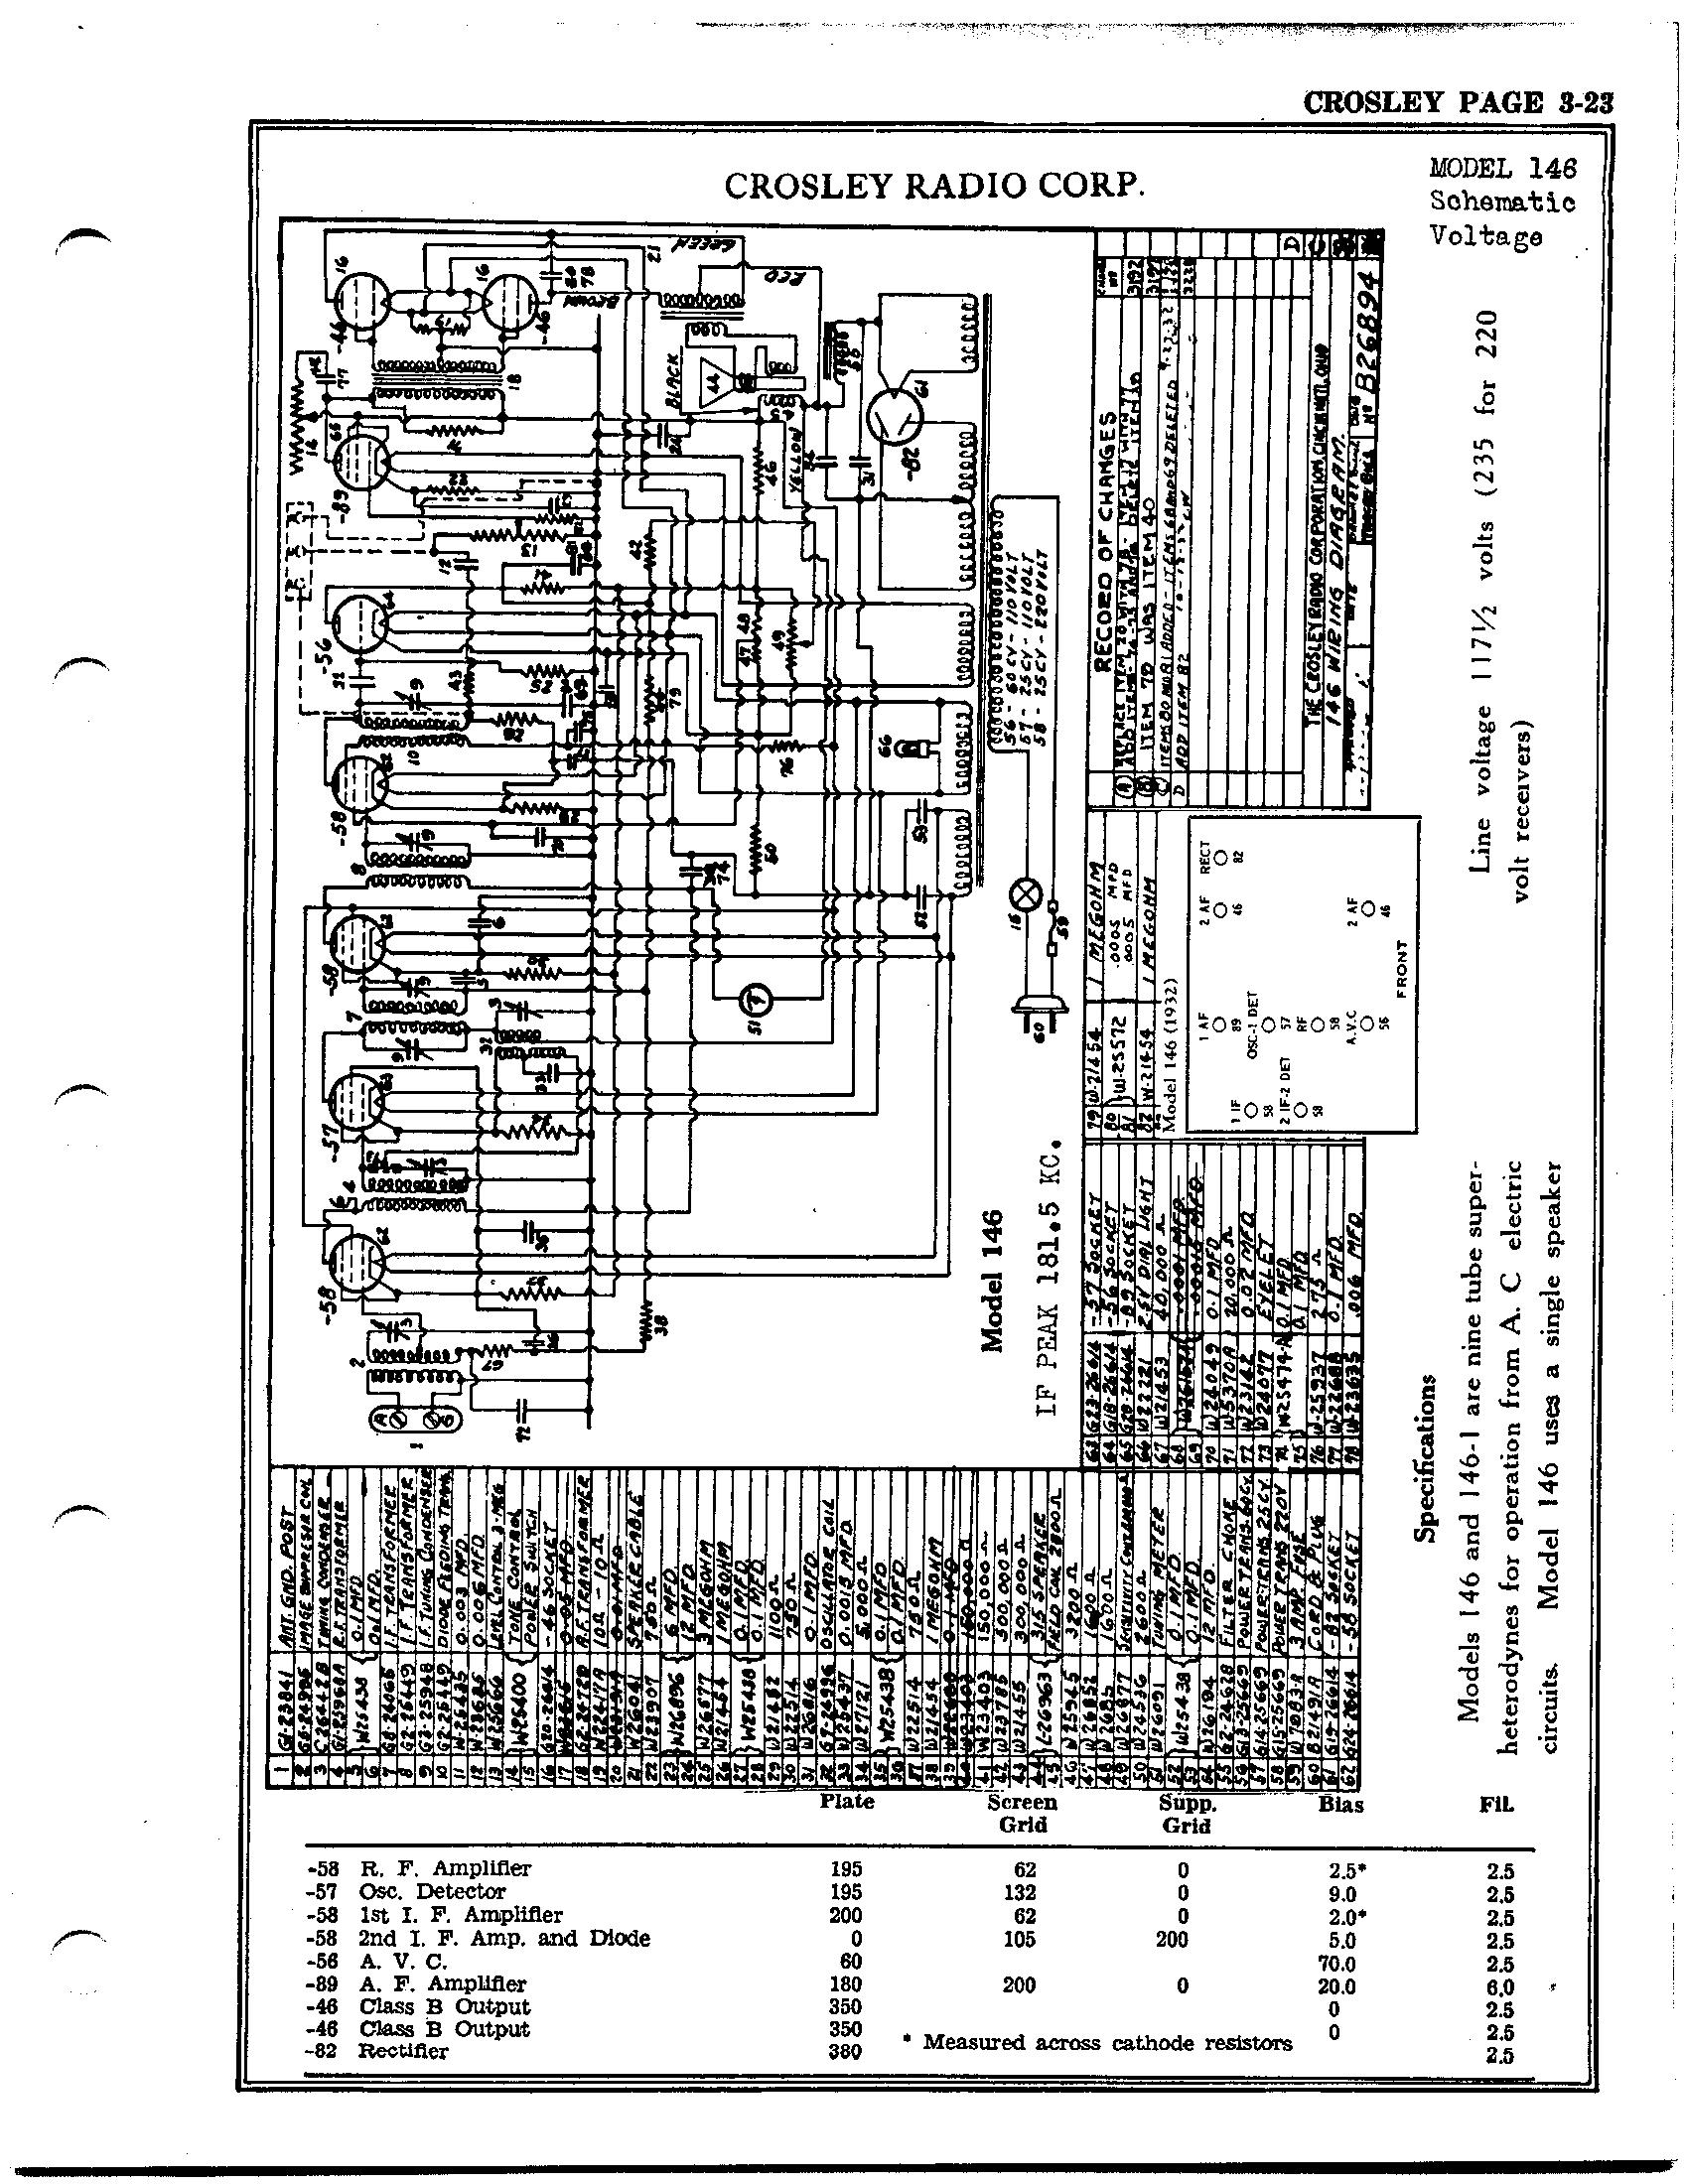 crosley corp  148